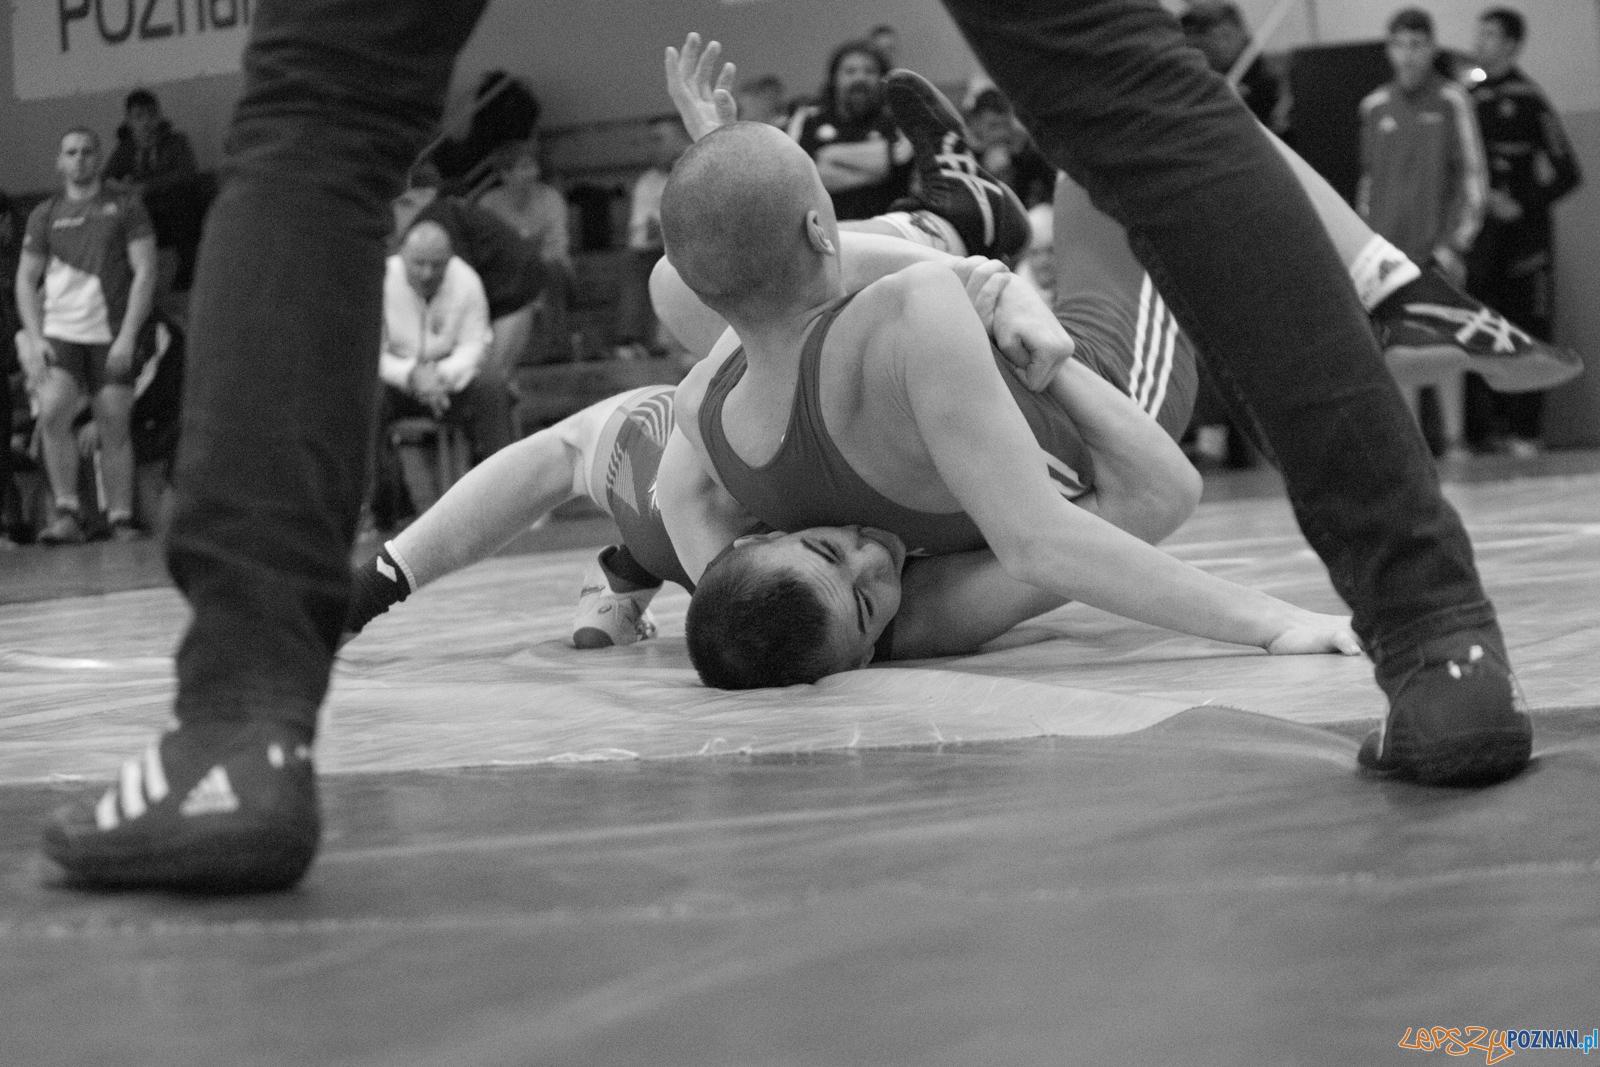 XXVII Międzynarodowy Turniej Zapaśniczy o Puchar Sobieskiego  Foto: lepszyPOZNAN.pl / Ewelina Jaśkowiak